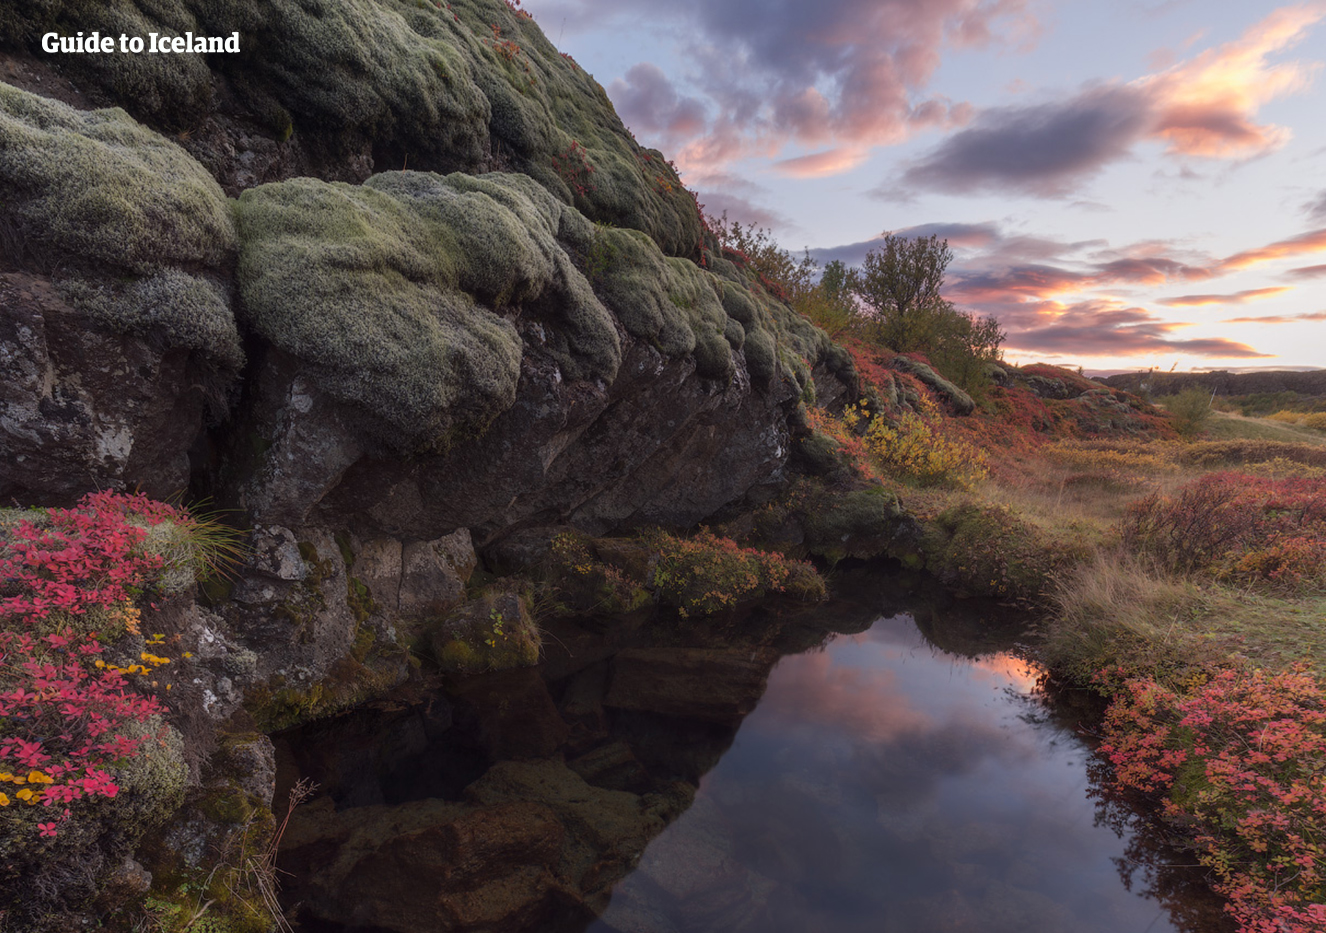 씽벨리르 국립공원은 유네스코 세계 문화유산으로 지정된, 아이슬란드의 역사가 살아 있는 곳입니다.